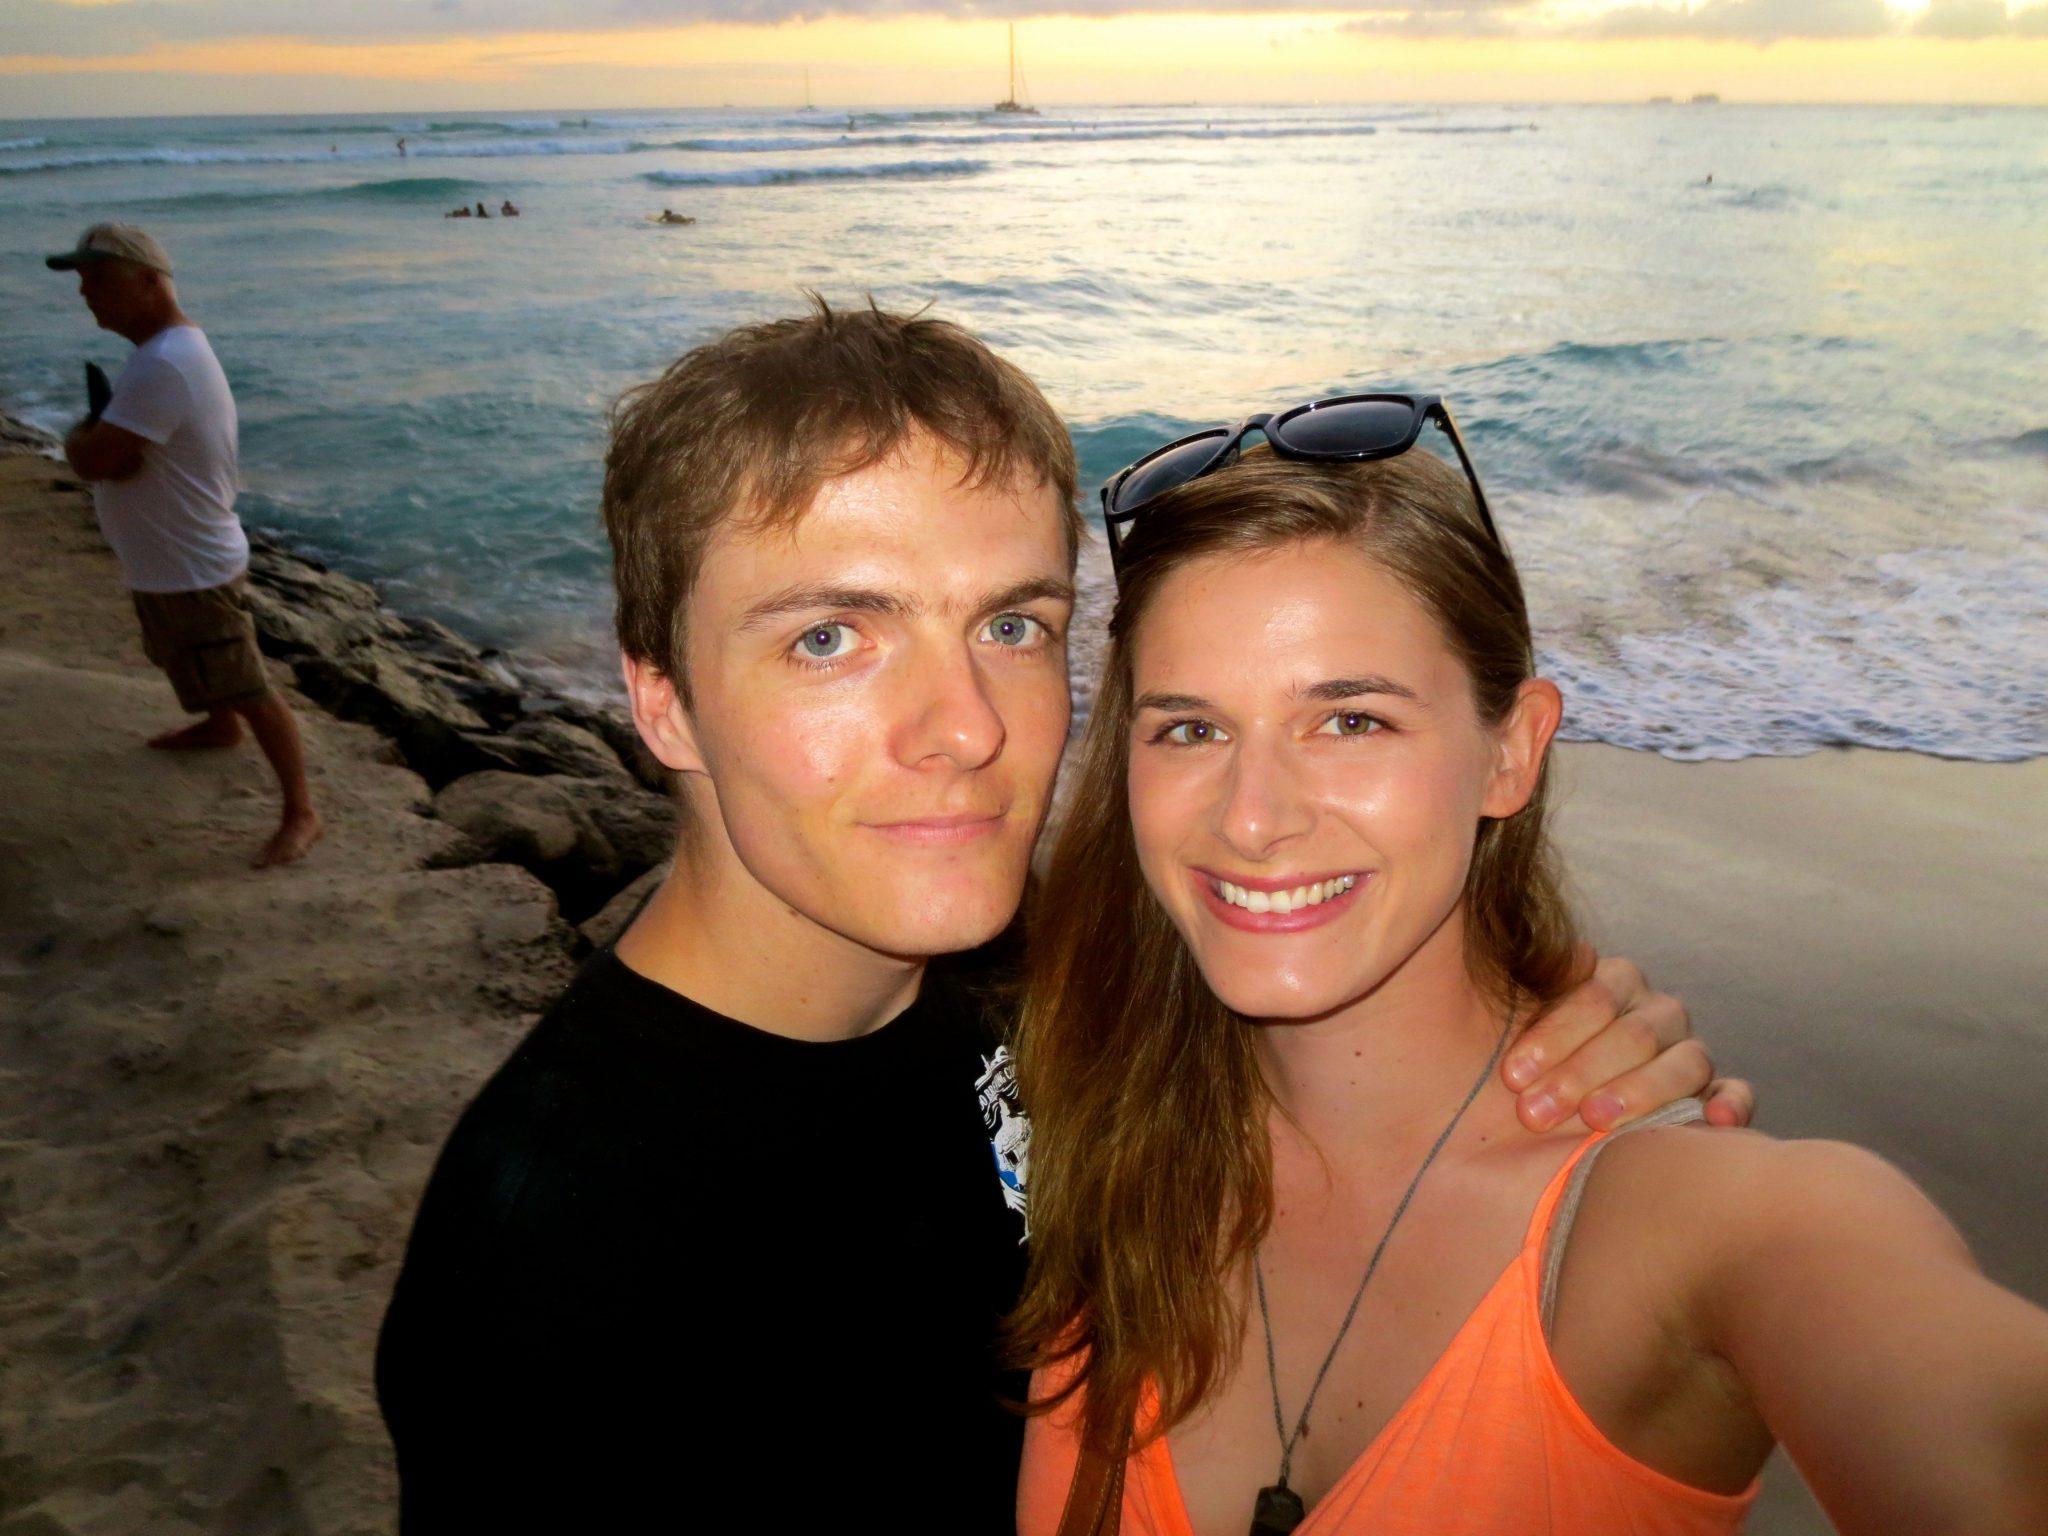 Waikiki Sunset - Oahu, Hawaii